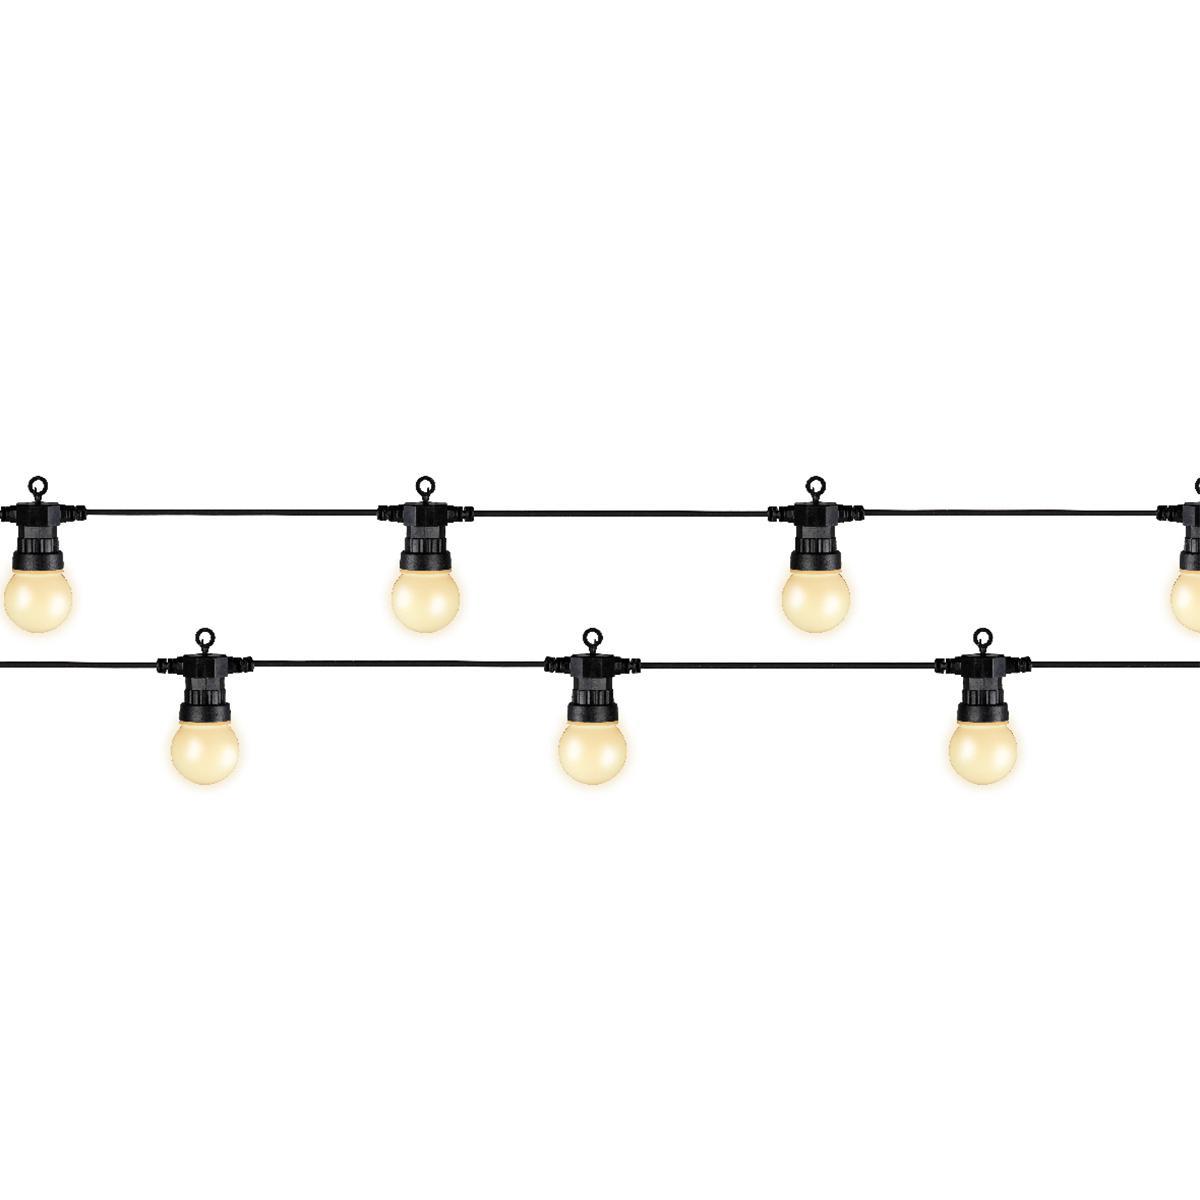 Jardideco Guirlande lumineuse 20 Led ampoules fumées - Blanc chaud